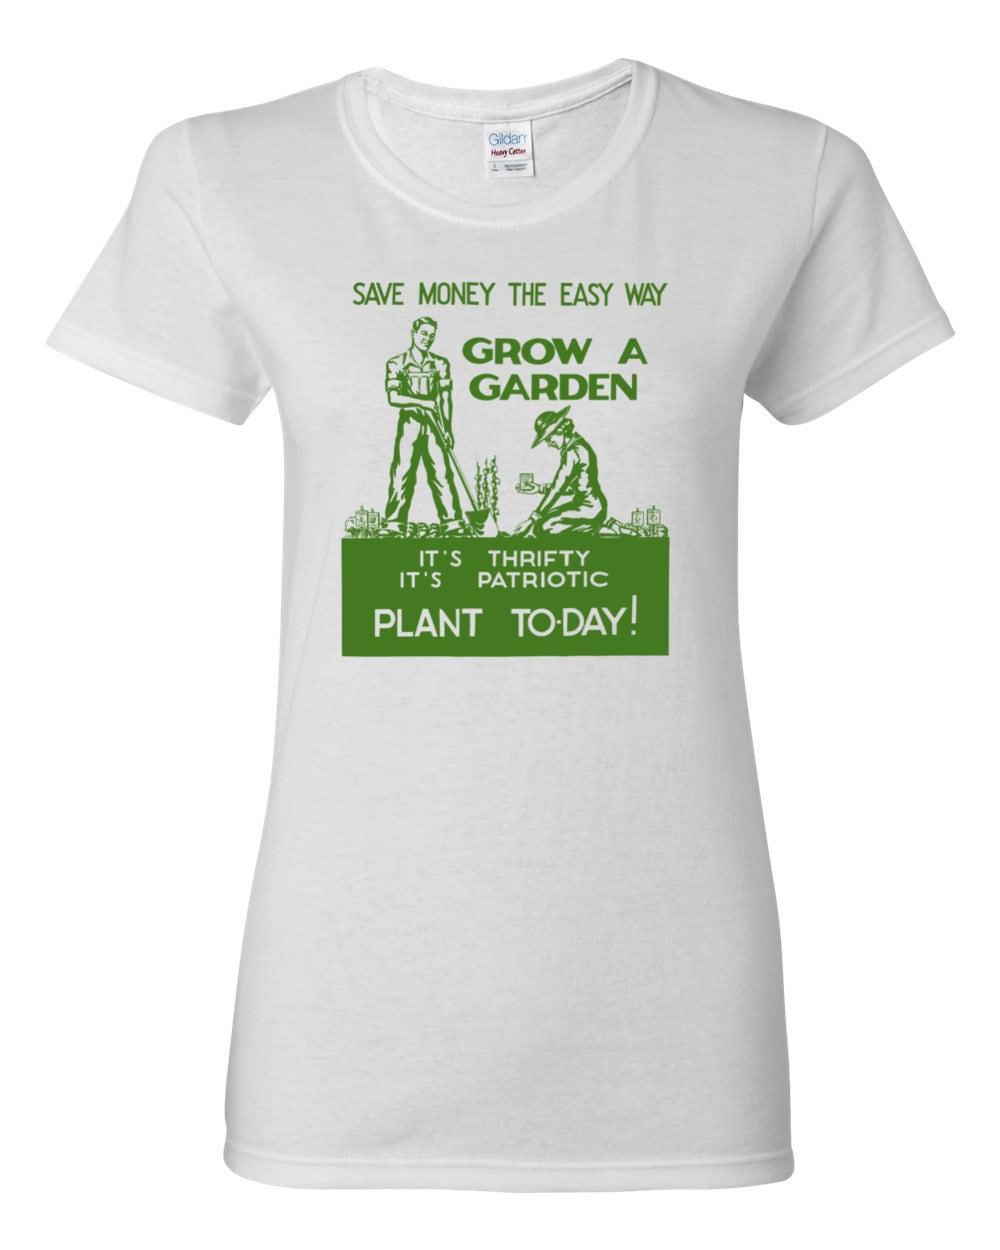 Grow A Garden World War II Poster Womens T-shirt